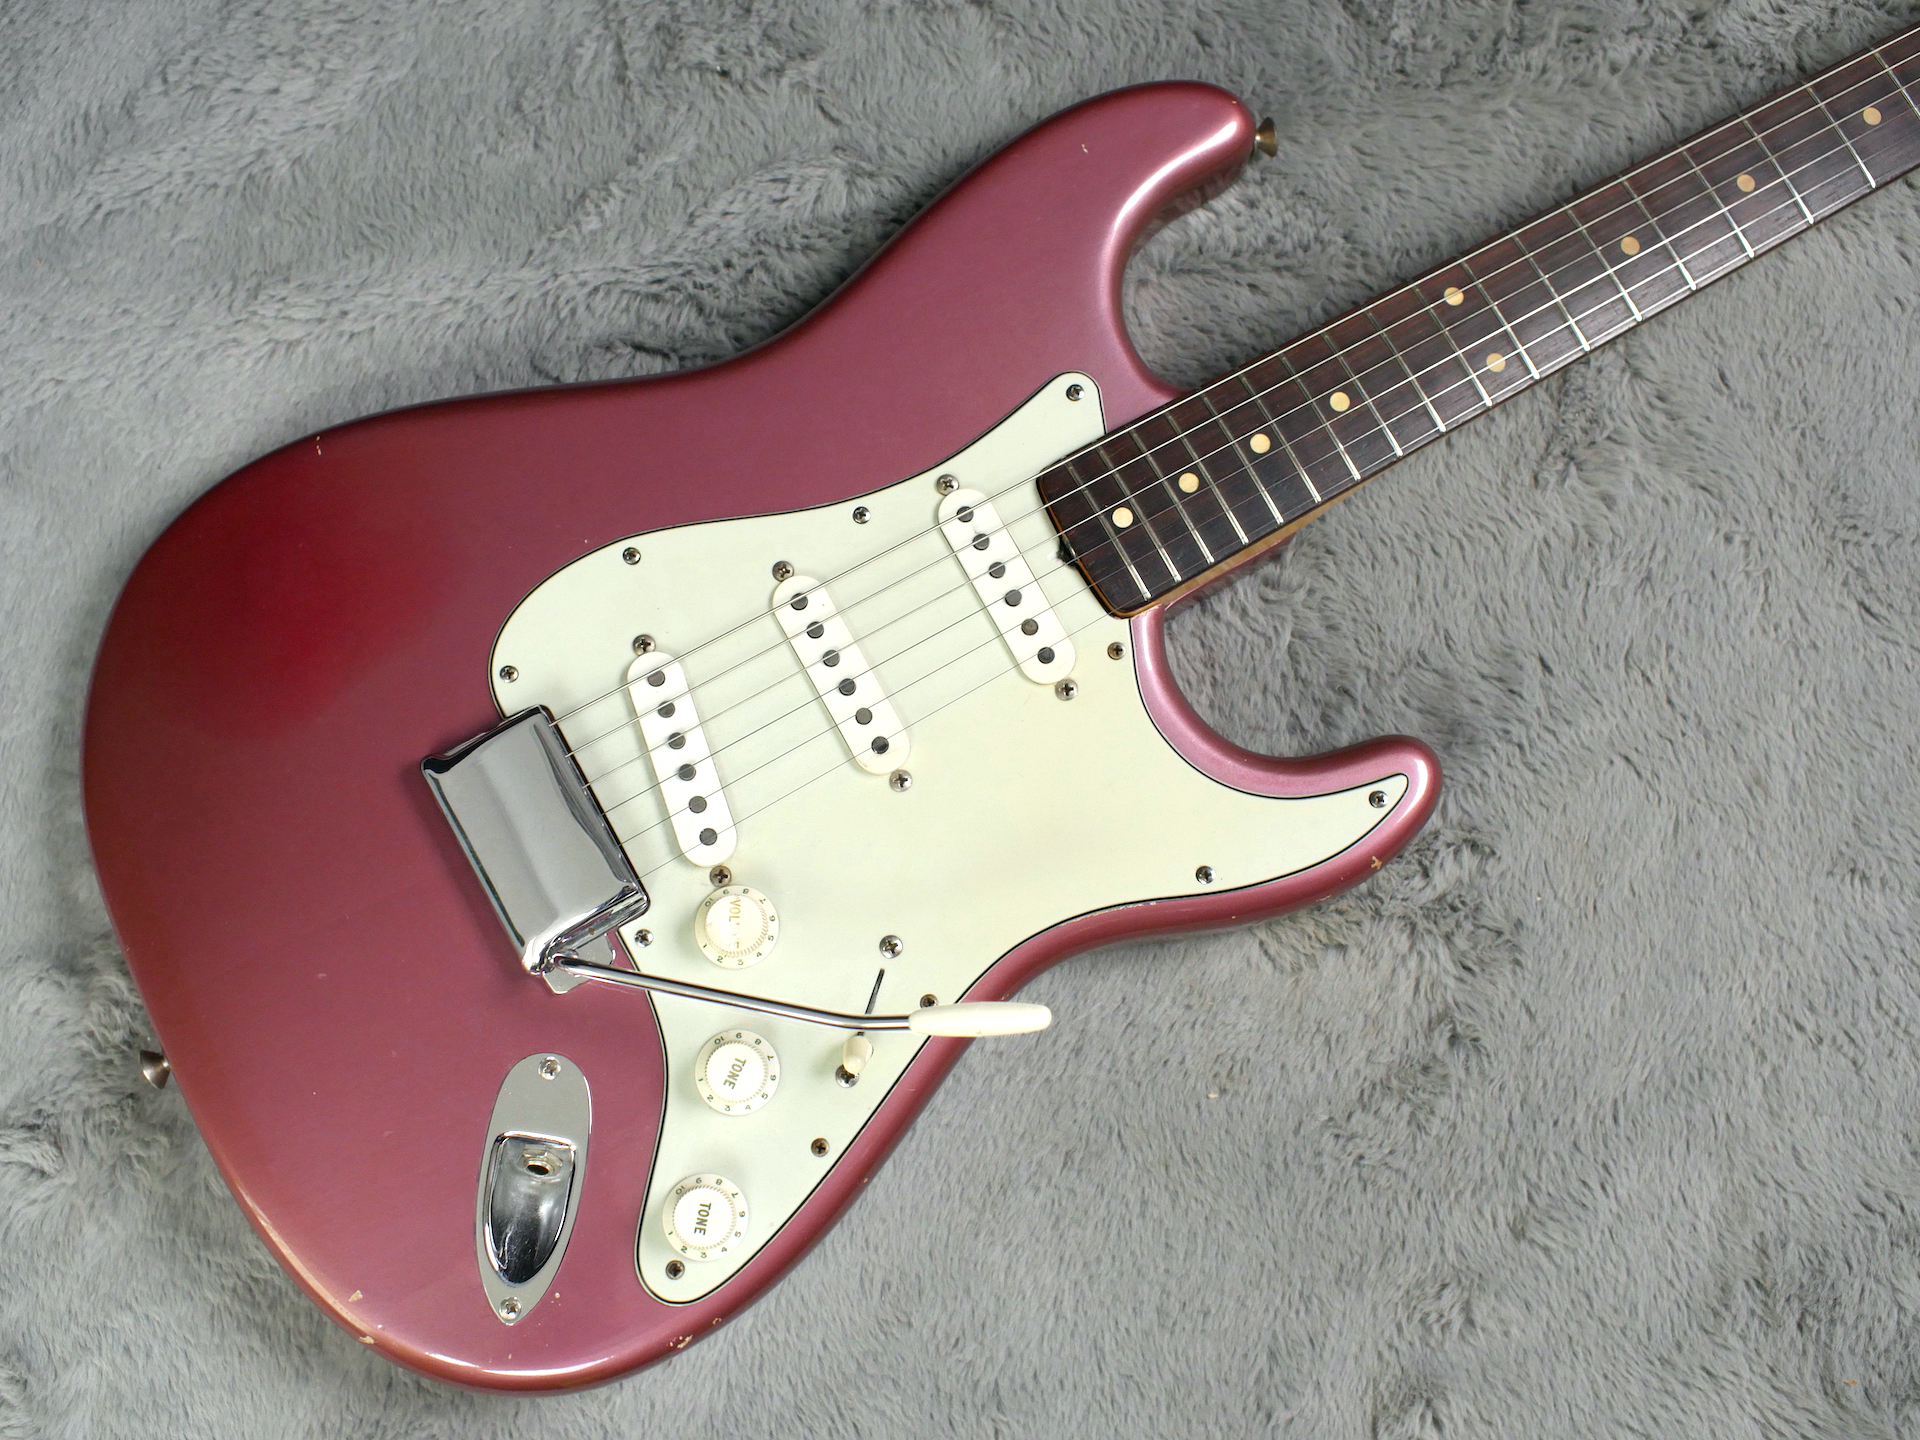 1962 Fender Stratocaster Burgundy Mist + OHSC